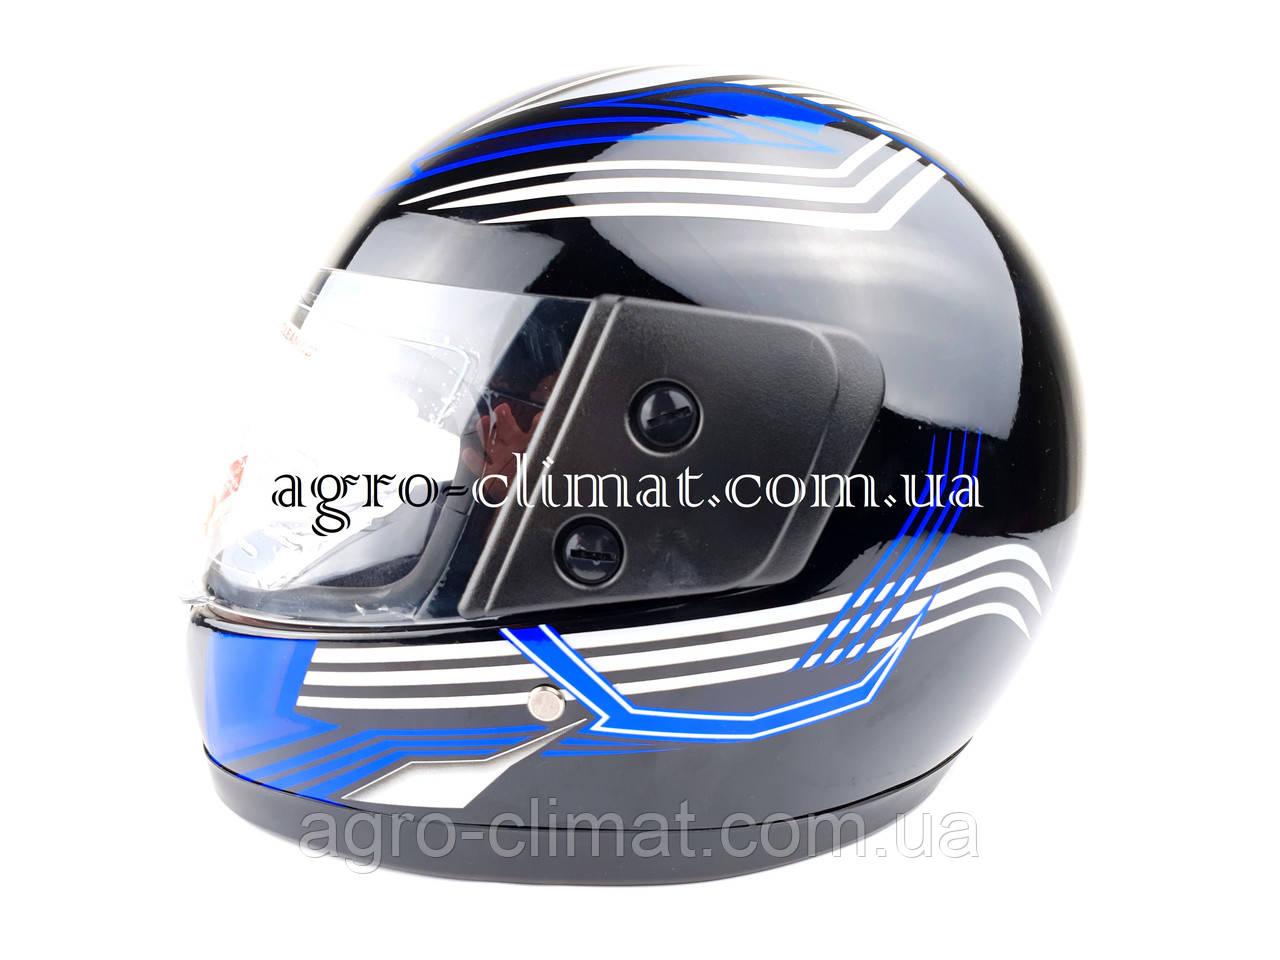 Шлем для мотоцикла F2 черный глянец с синей полосой